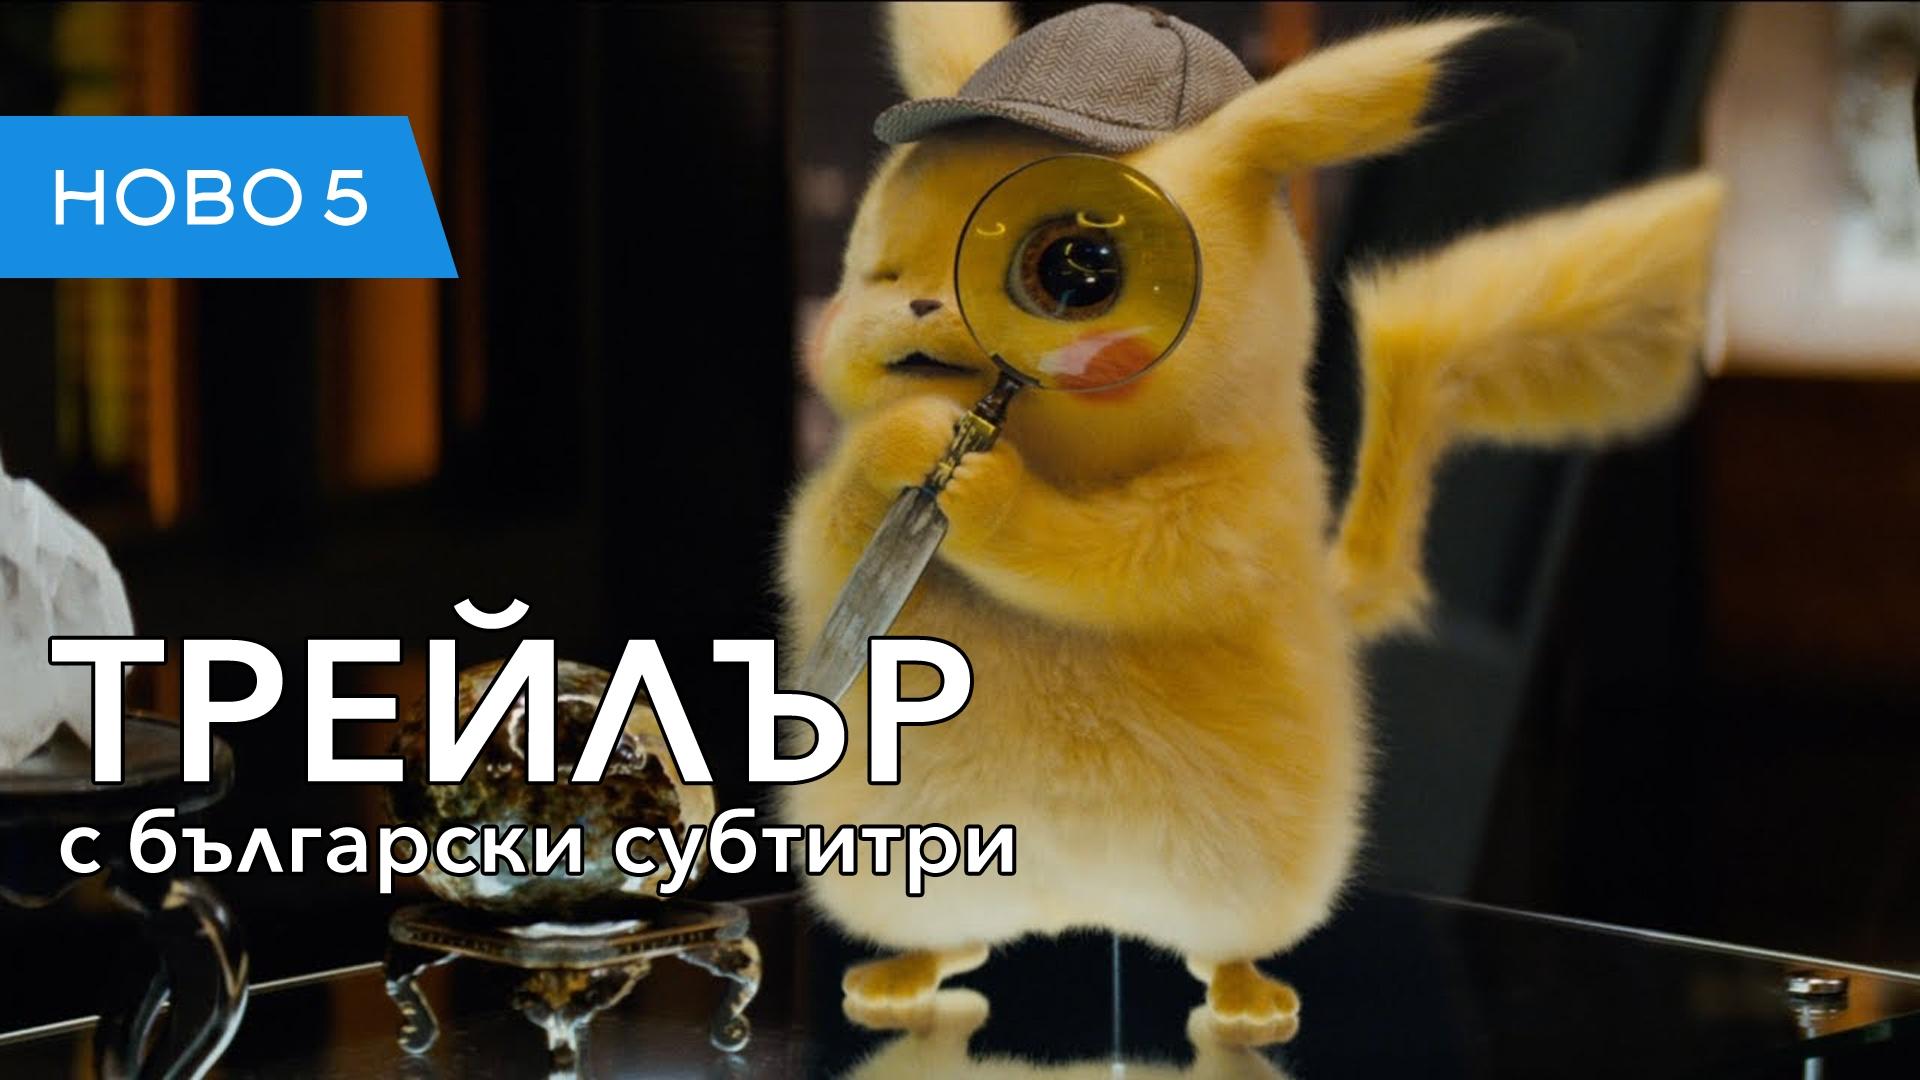 Pokémon: Детектив Пикачу (2019) втори трейлър с български субтитри